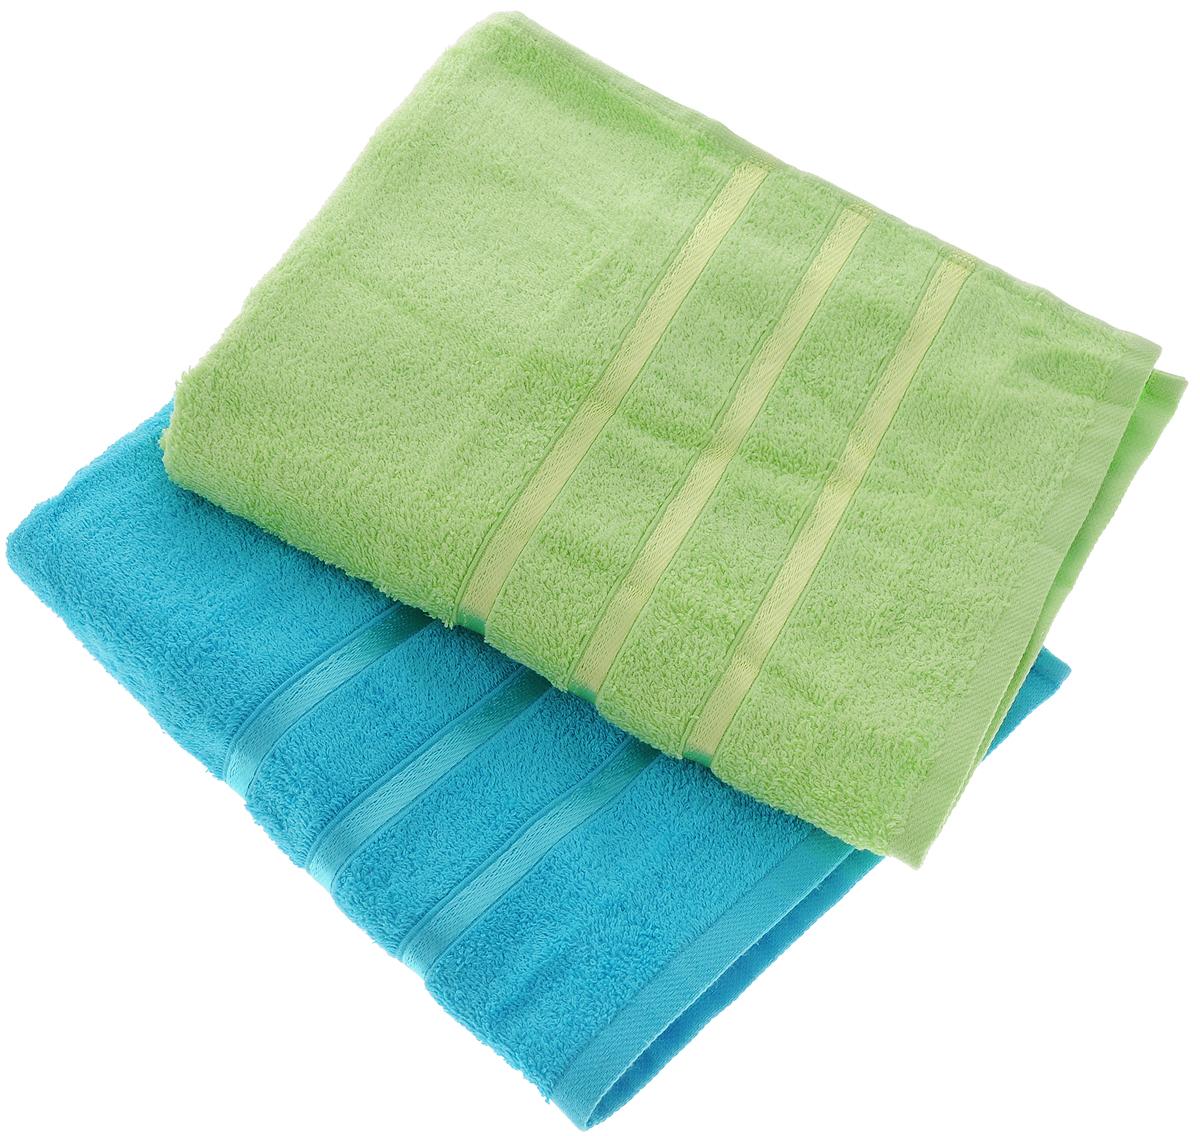 Набор полотенец Tete-a-Tete Ленты, цвет: зеленый, бирюзовый, 50 х 85 см, 2 штУНП-101-10-2кНабор Tete-a-tete Ленты состоит из двух махровых полотенец, выполненных из натурального 100% хлопка. Бордюр полотенец декорирован лентами. Изделия мягкие, отлично впитывают влагу, быстро сохнут, сохраняют яркость цвета и не теряют форму даже после многократных стирок. Полотенца Tete-a-tete Ленты очень практичны и неприхотливы в уходе. Они легко впишутся в любой интерьер благодаря своей нежной цветовой гамме. Набор упакован в красивую коробку и может послужить отличной идеей для подарка. Размер полотенец: 50 х 85 см.